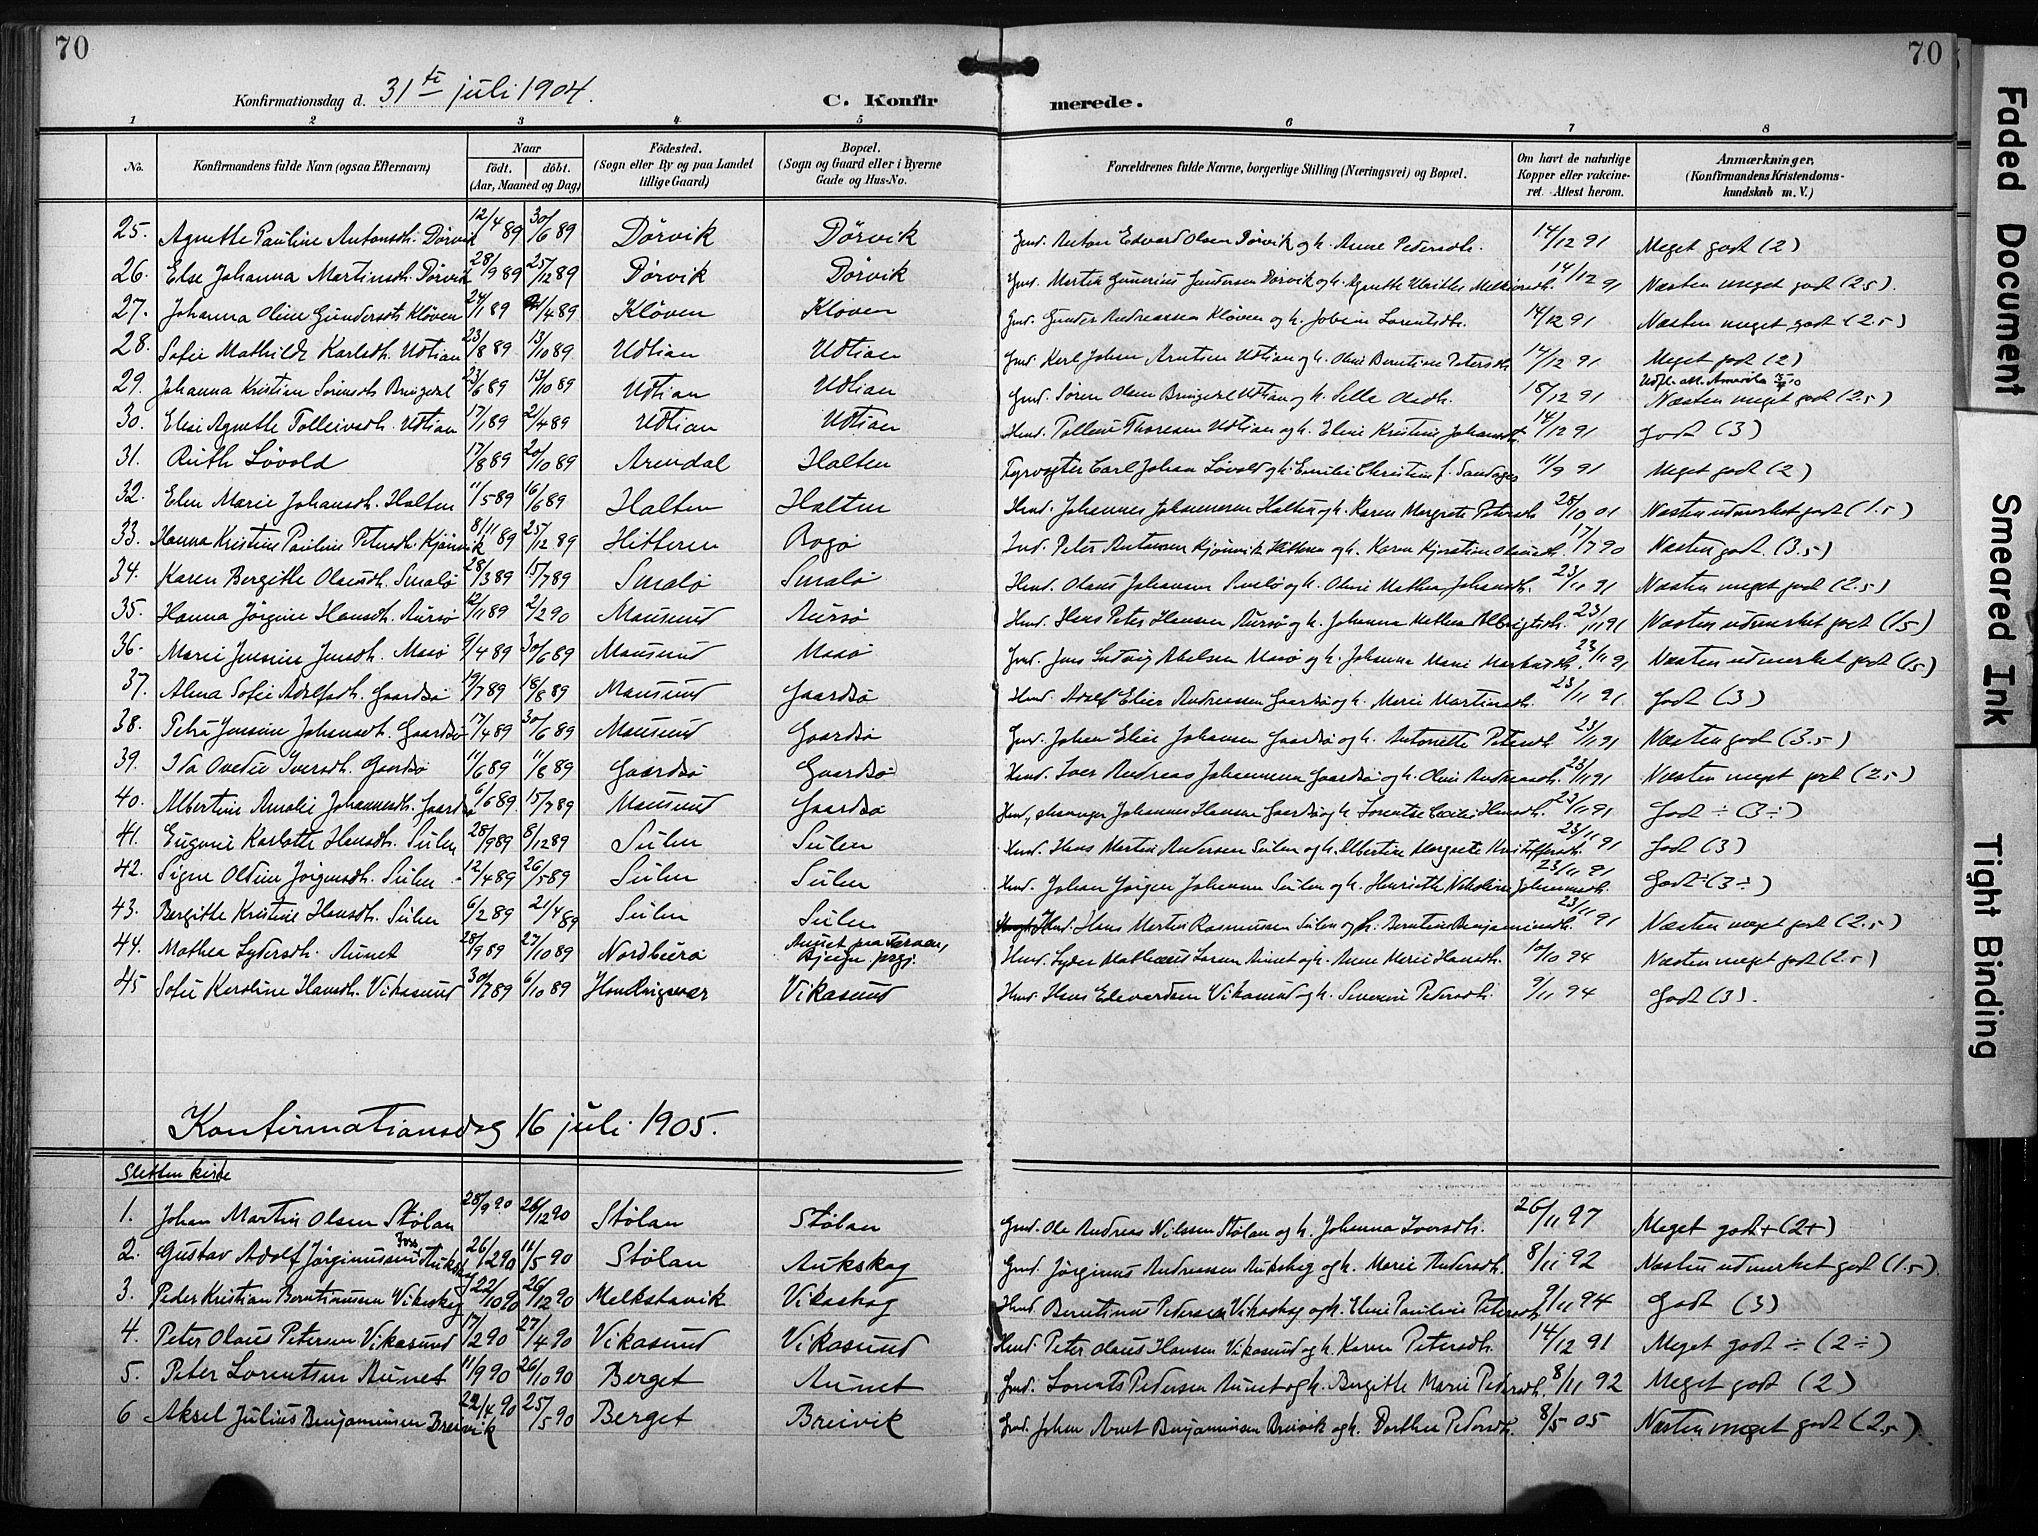 SAT, Ministerialprotokoller, klokkerbøker og fødselsregistre - Sør-Trøndelag, 640/L0580: Ministerialbok nr. 640A05, 1902-1910, s. 70